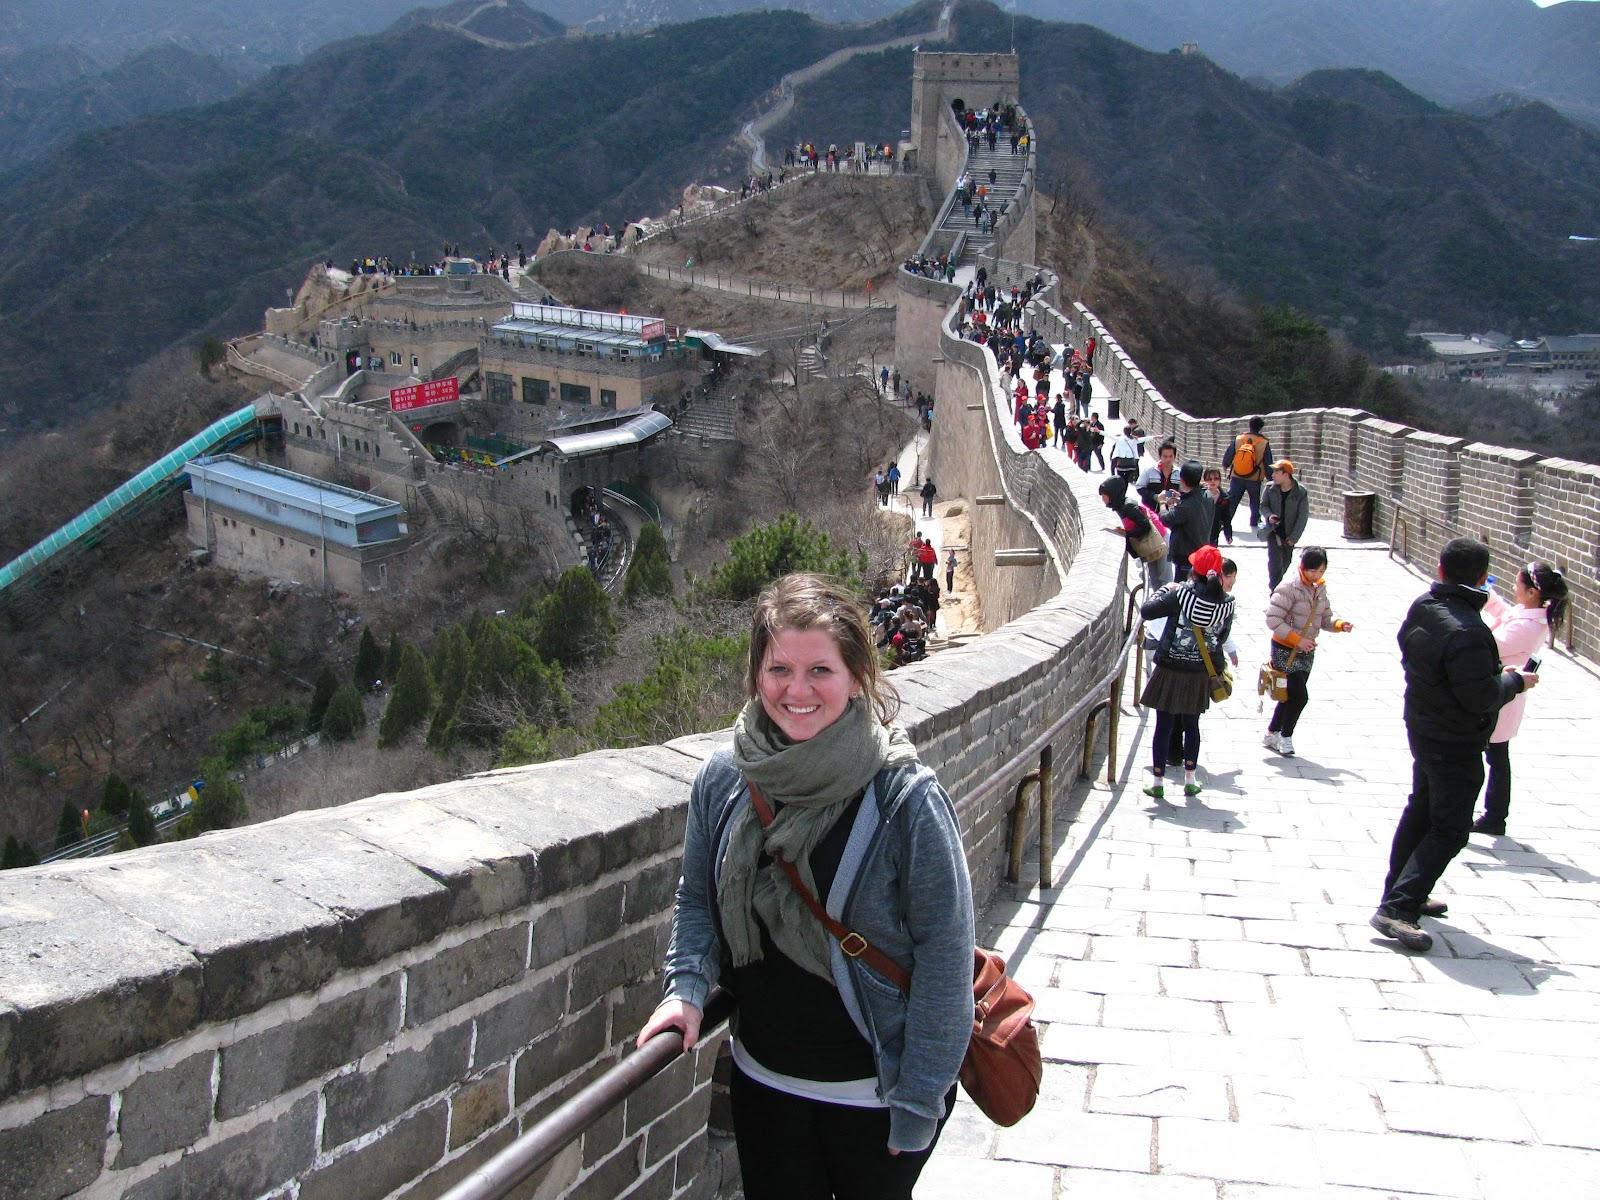 http://2.bp.blogspot.com/-q6t9prbcw_g/T4iFBtSrCpI/AAAAAAAABEY/TD9ml91lhhk/s1600/Great+Wall2,+Beijing.JPG